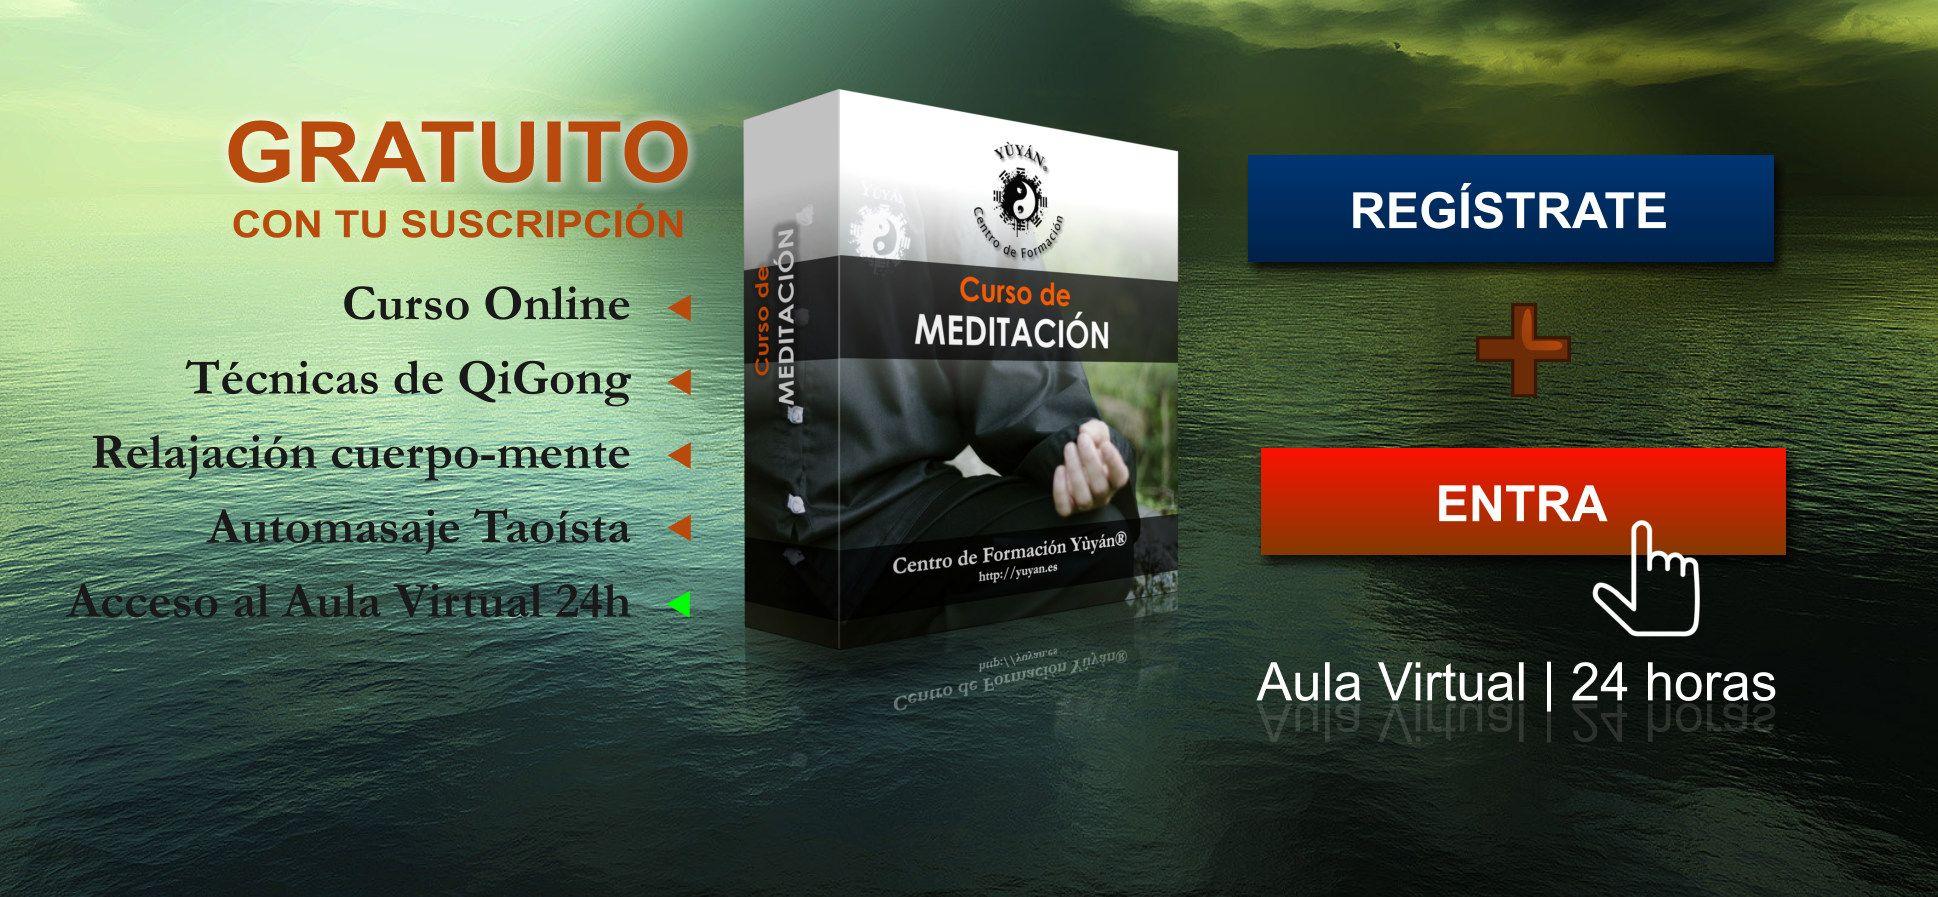 Curso de Meditación GRATUITO